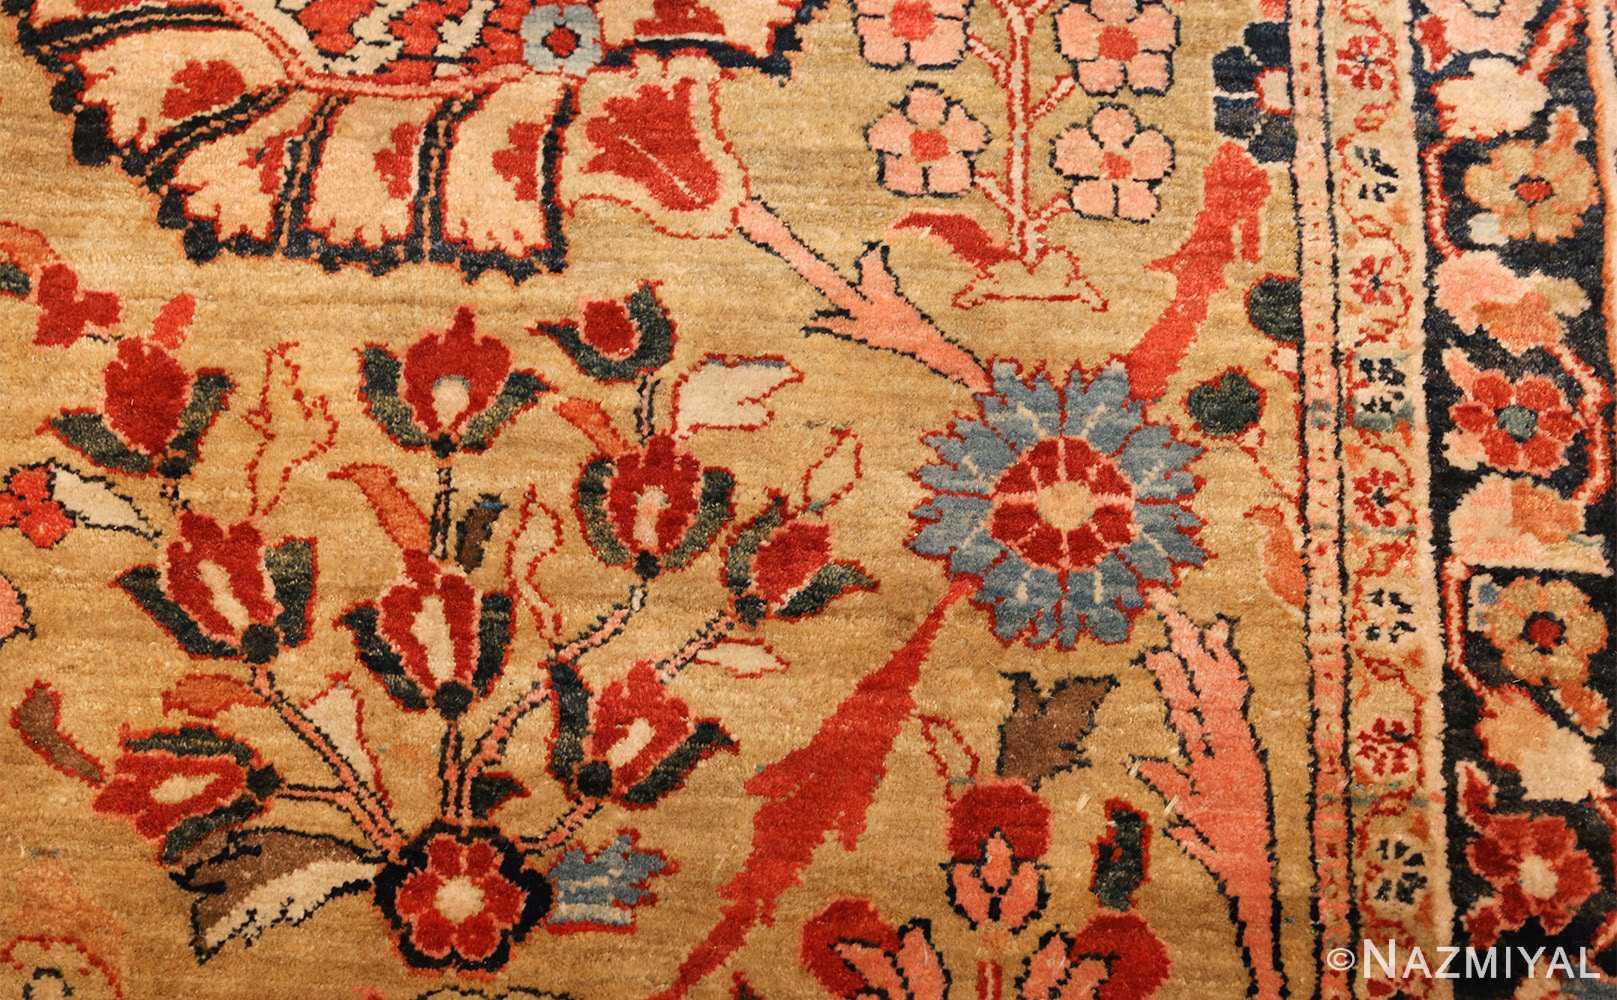 gold background antique persian sarouk farahan rug 49169 texture Nazmiyal